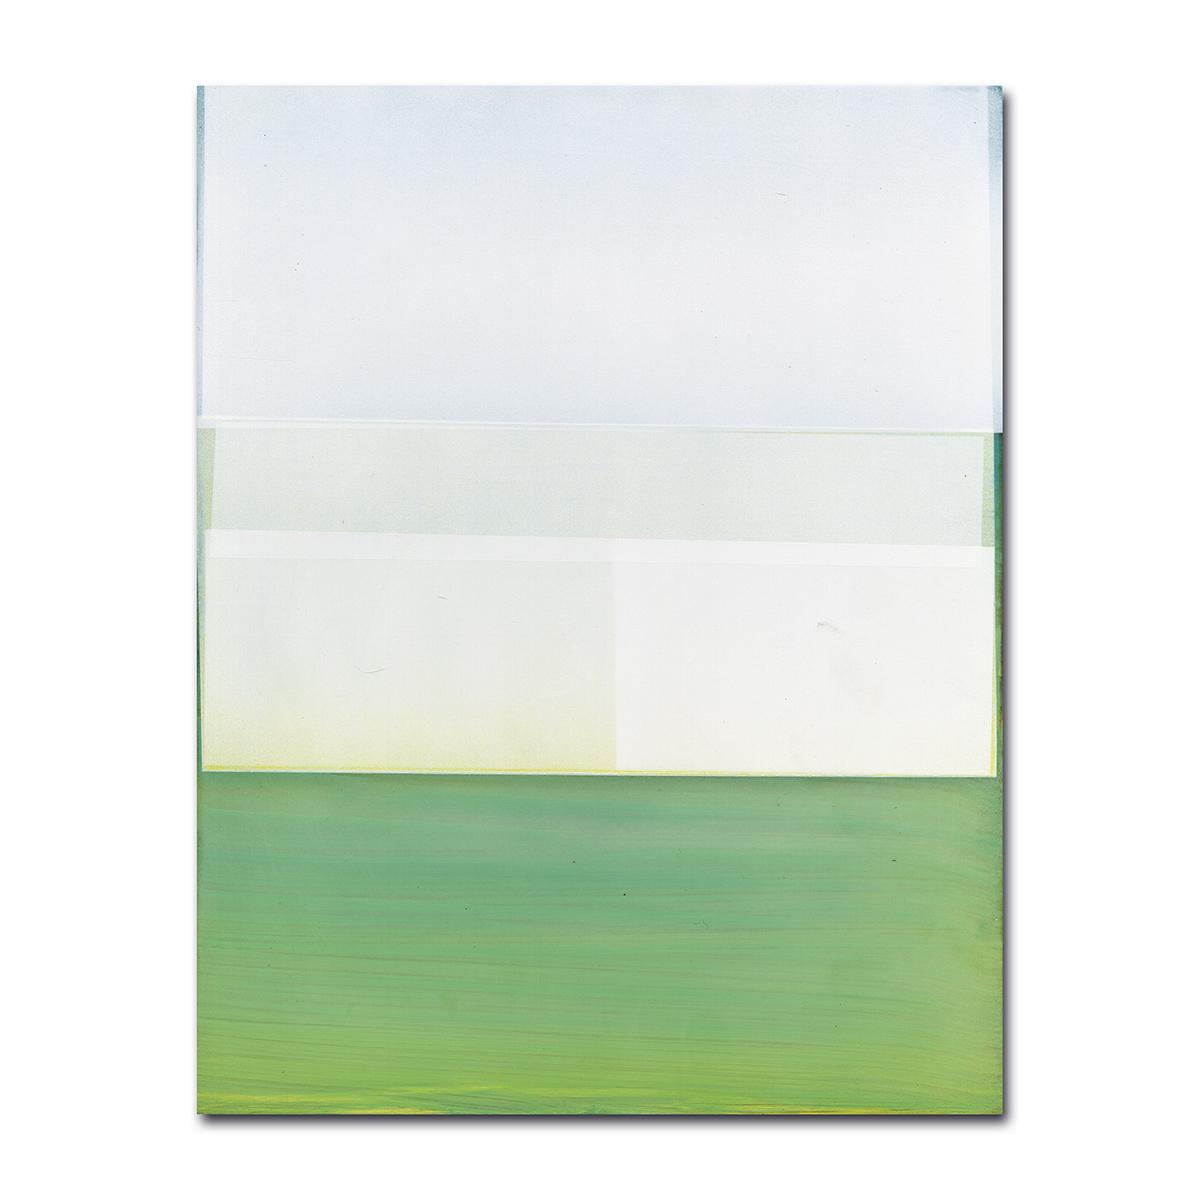 Jeffrey Cortland Jones: Seawaves (Dubfiles), enamel on acrylic panel